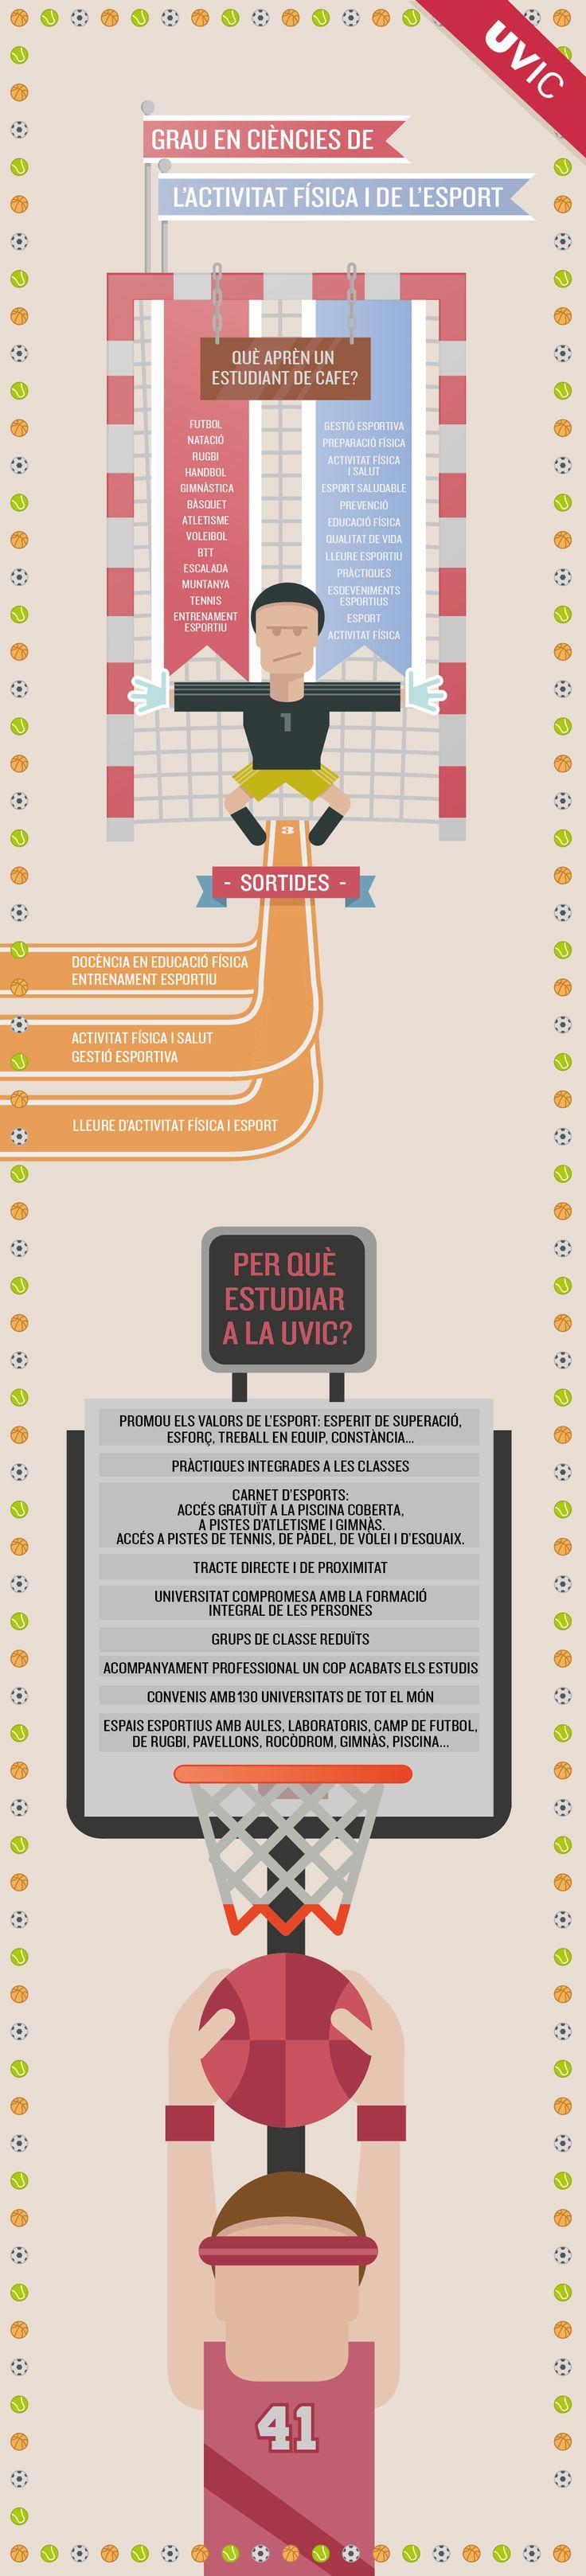 Infografia del Grau en Ciències de l'Activitat Física i de l'Esport (CAFE). #UVic #Infografia #infografies #grau #graus #CAFE #esport